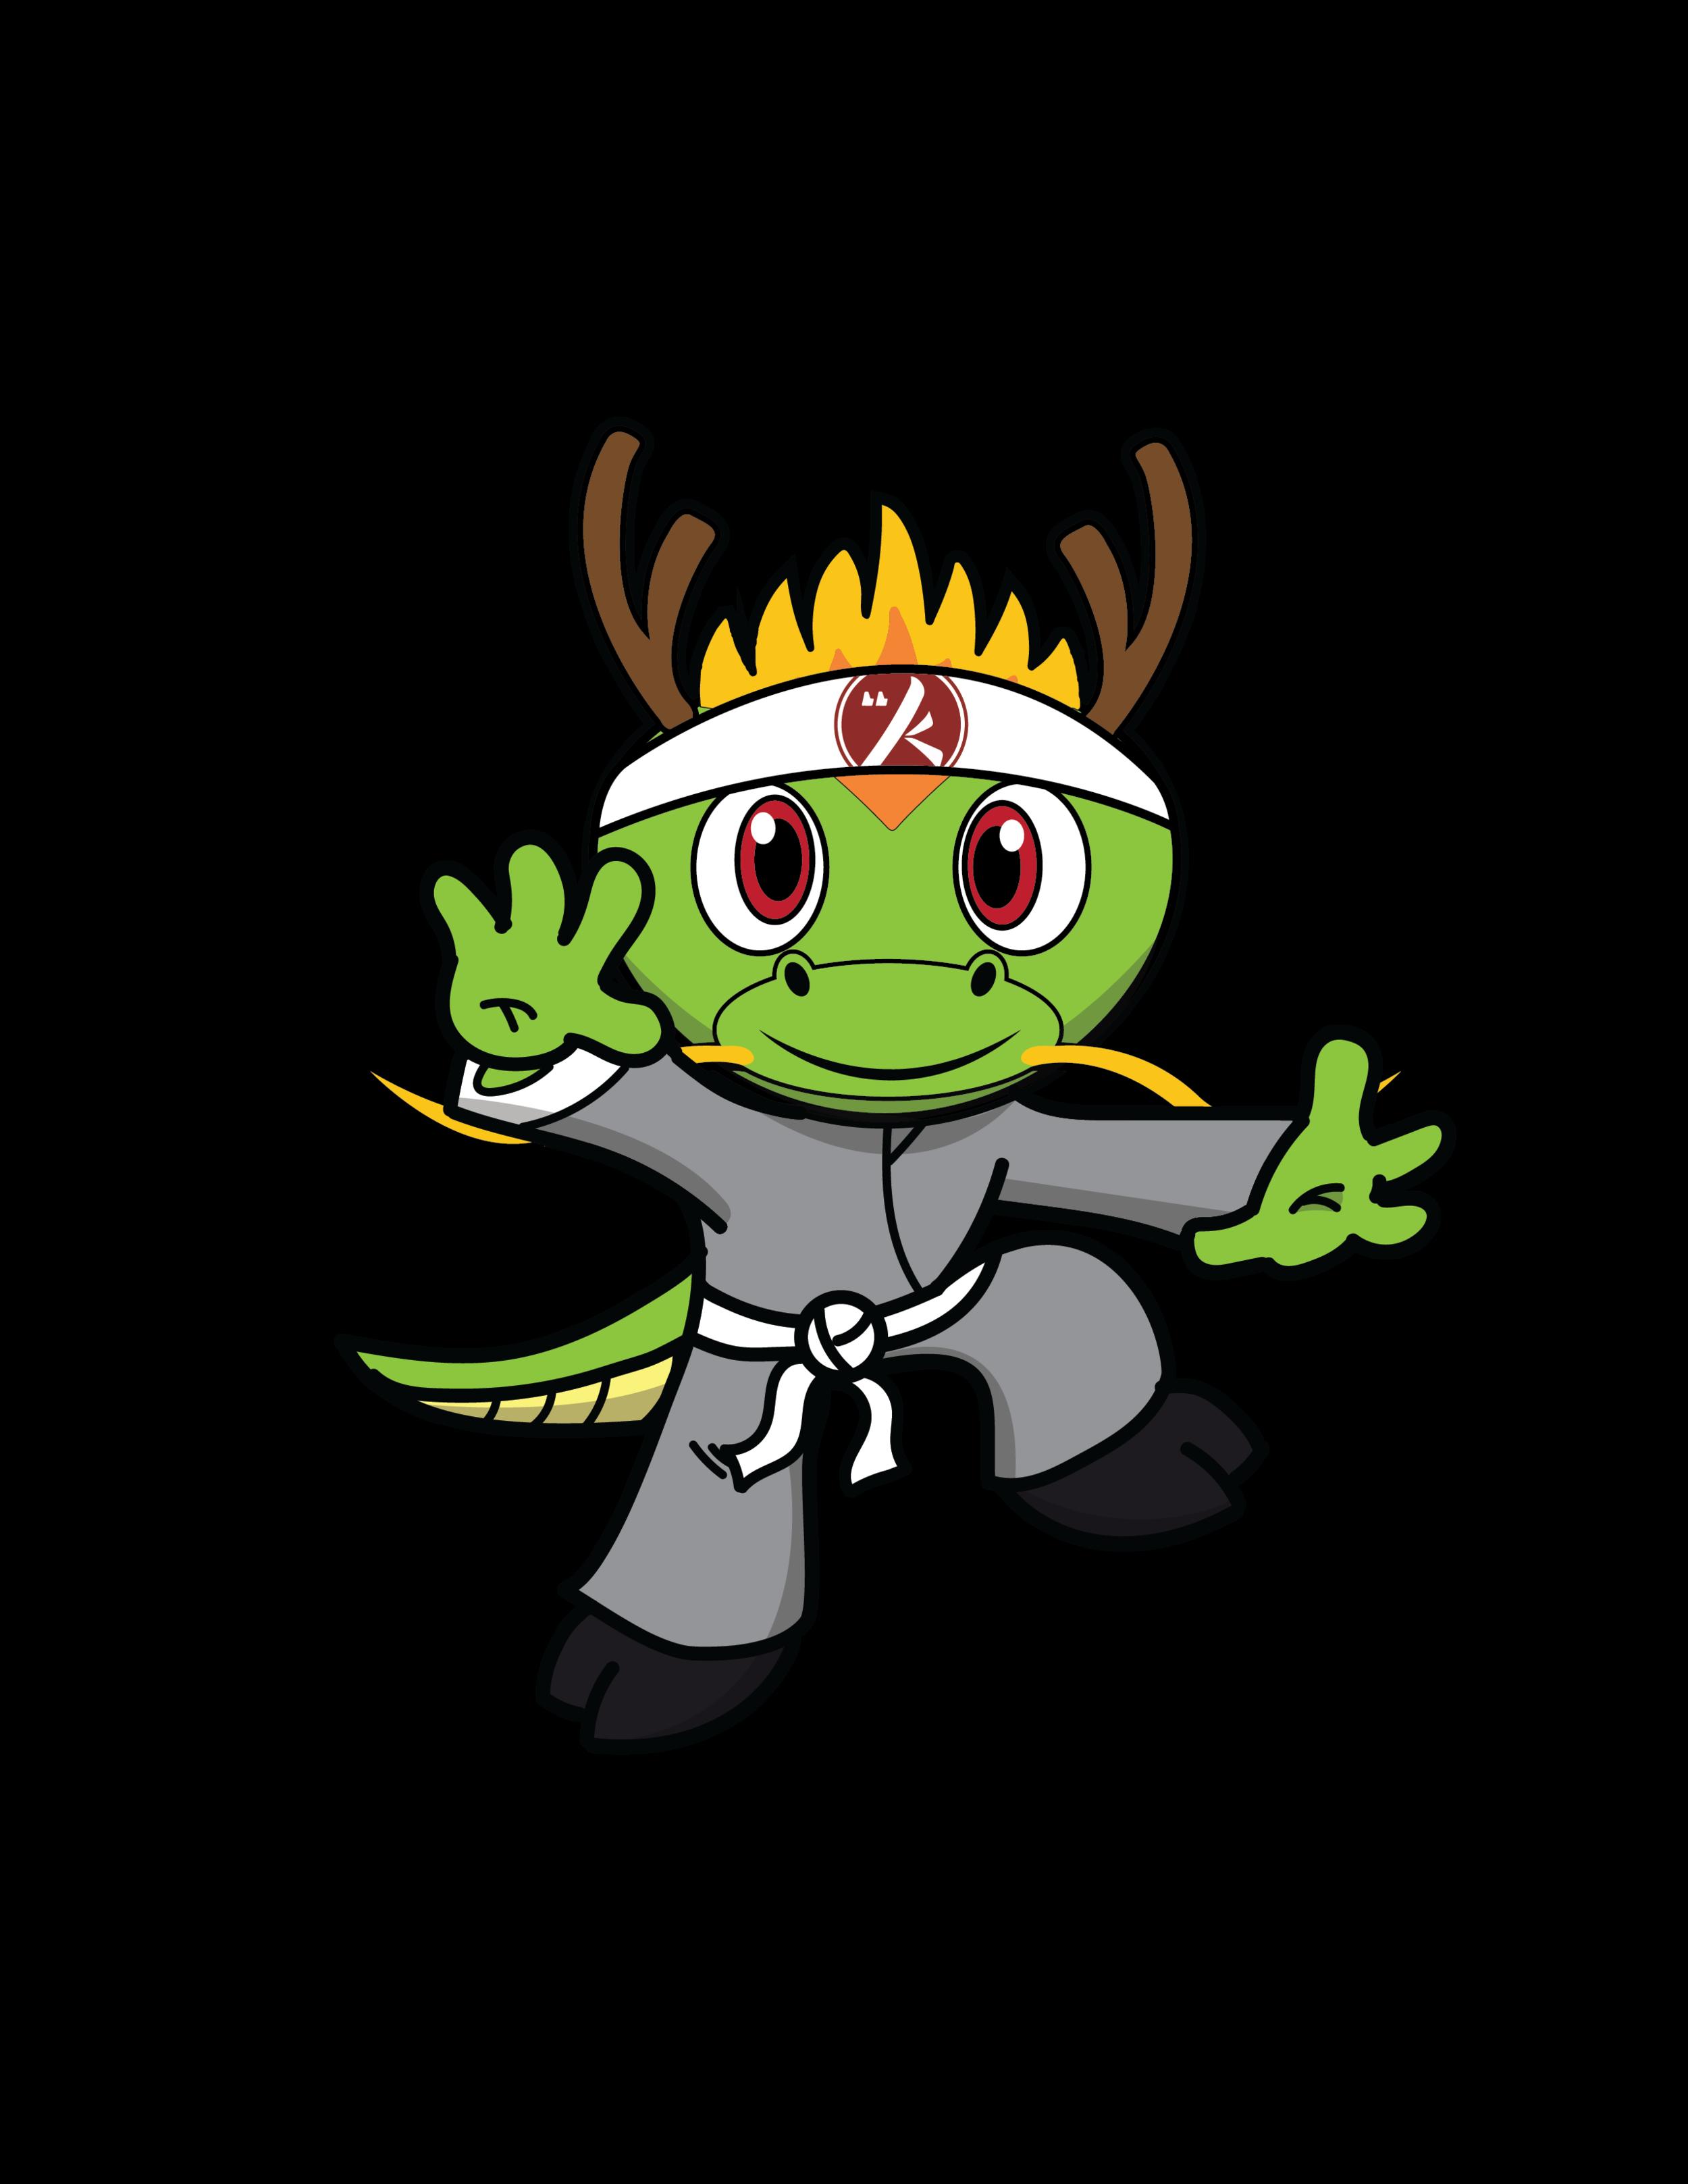 ninja_dragon_pose_3-03-03.png